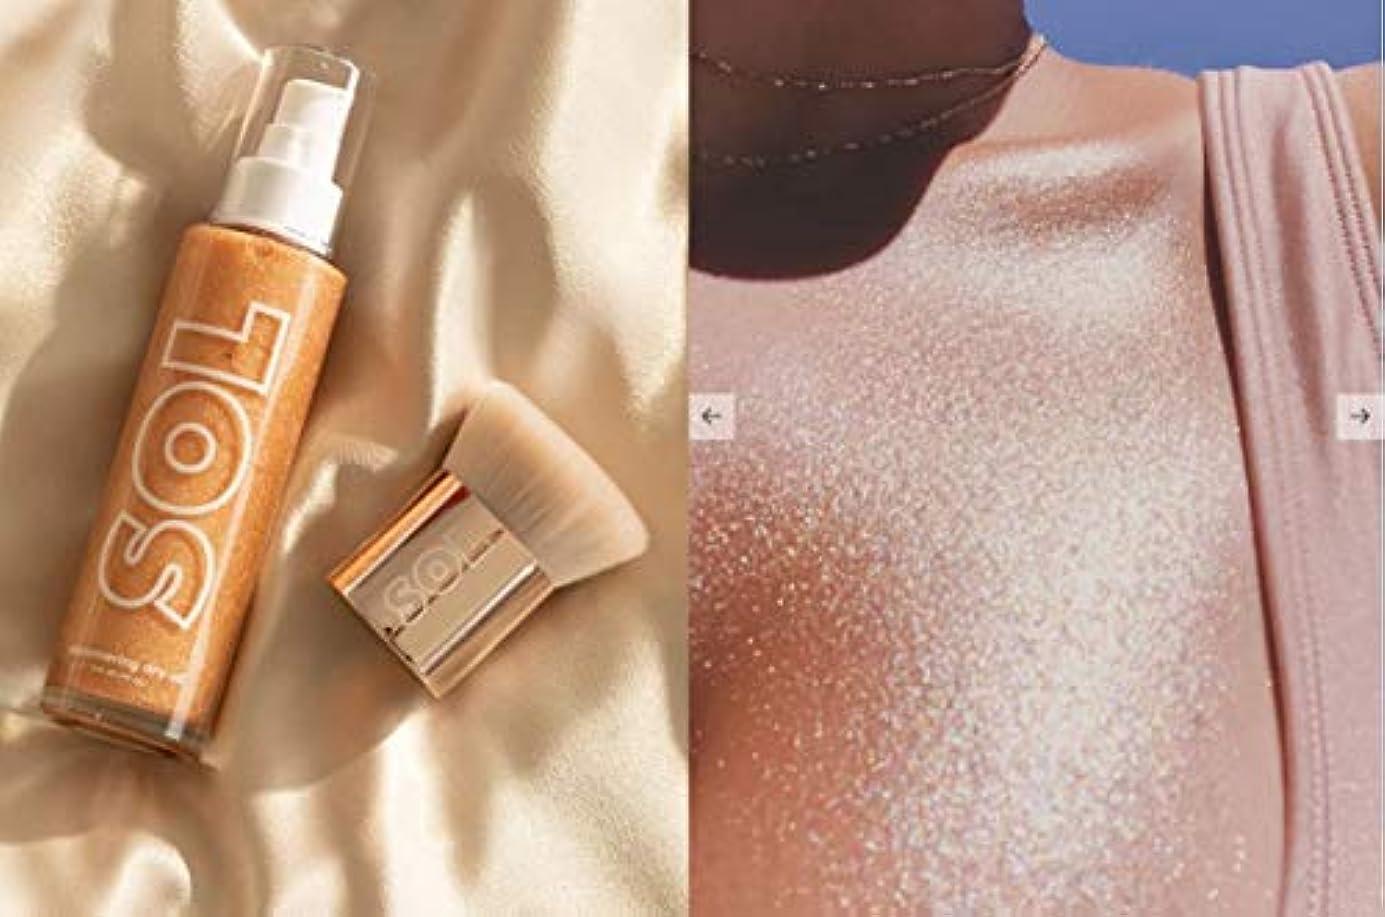 タブレット前提条件セマフォカラーポップ (ColourPop) SOL BODY sol shimmering dry oil WARM GOLD ボディオイル